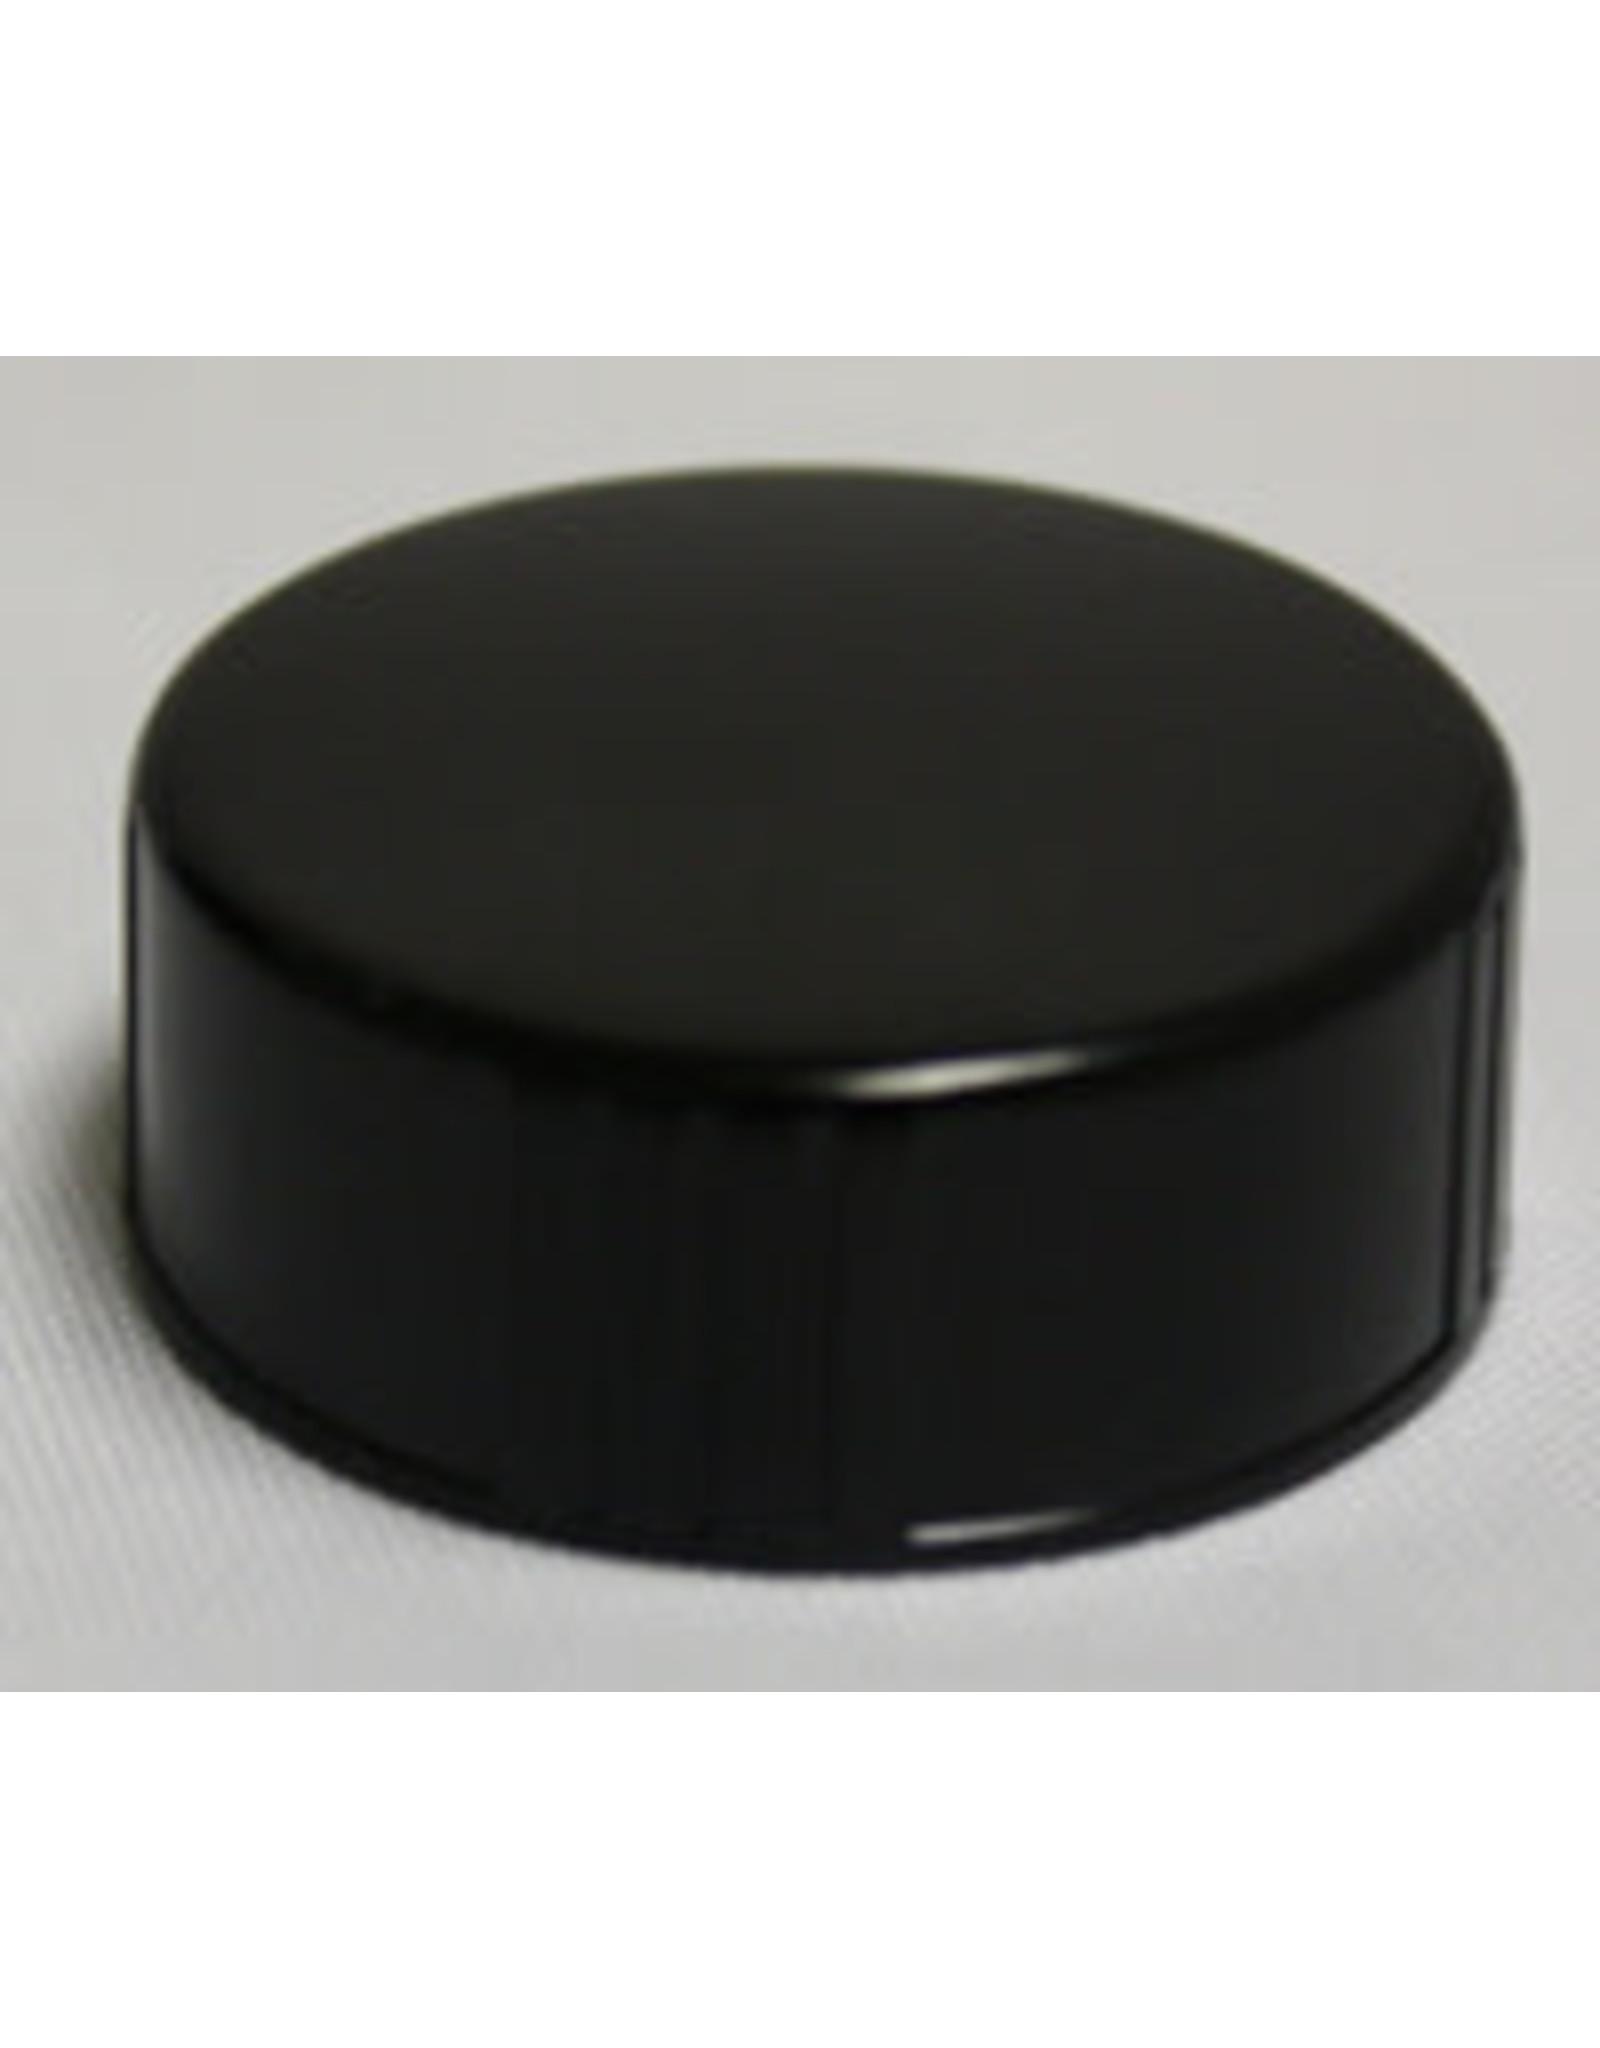 Caps - 28mm Polyseal Screw For Wine (144/ Bag)